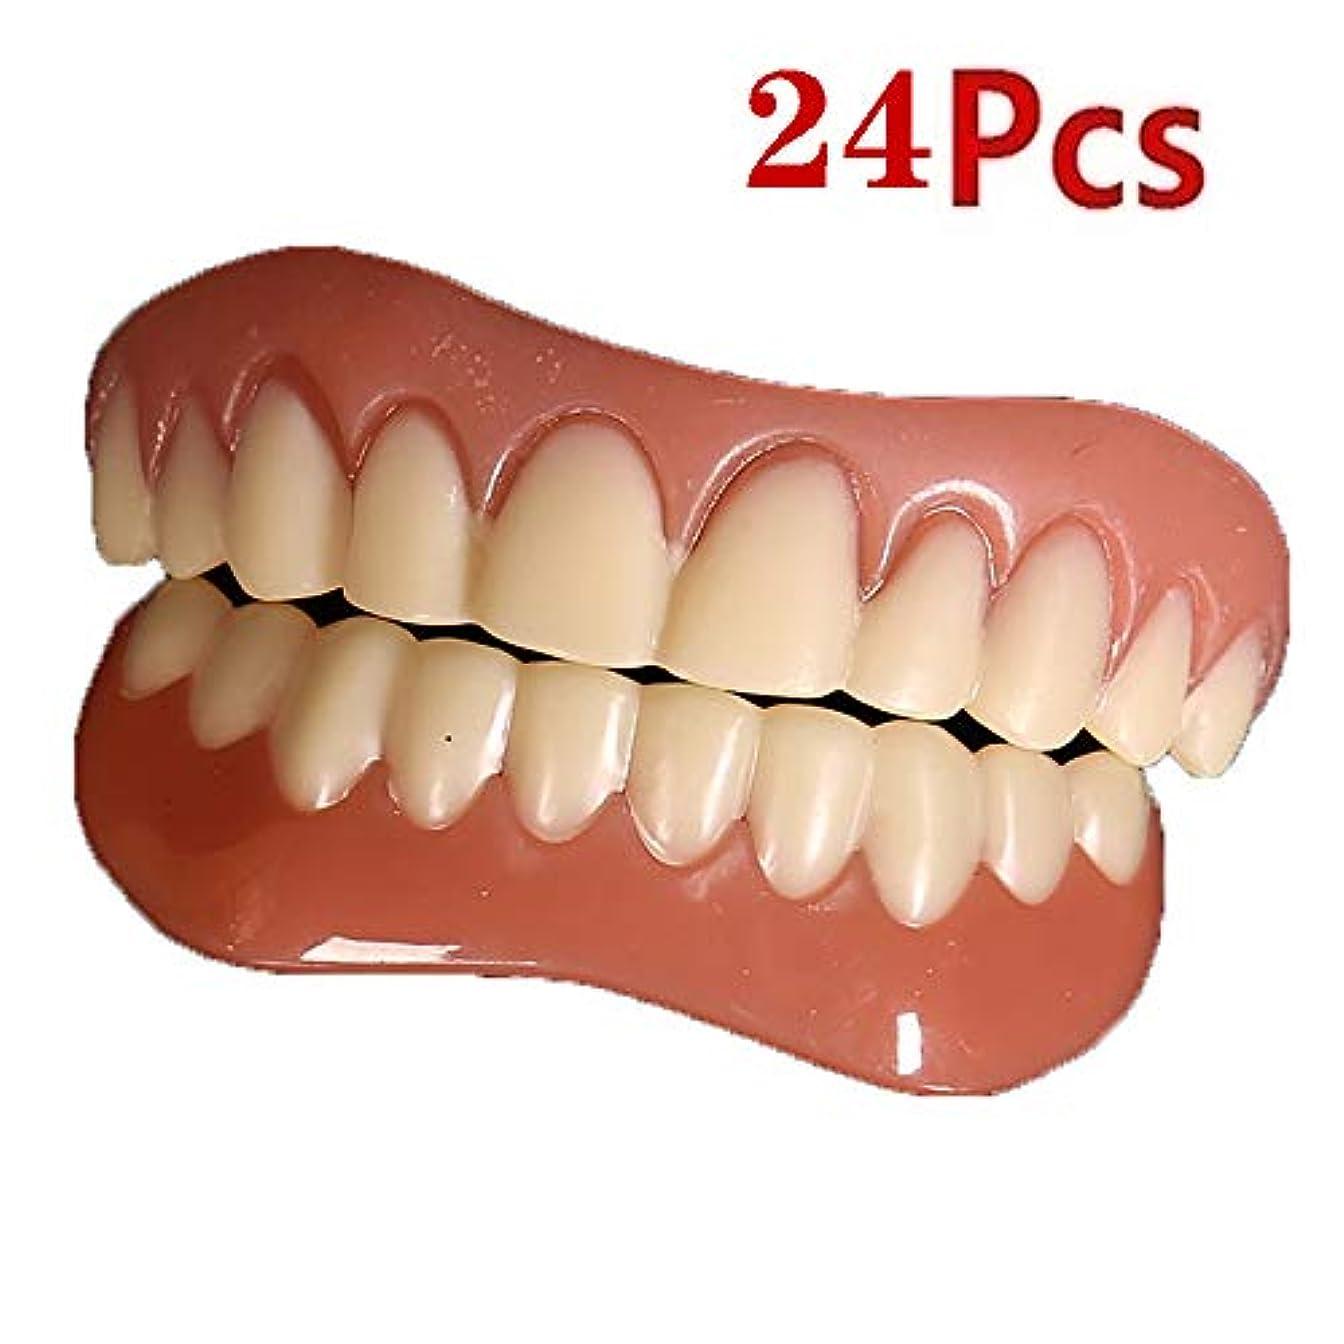 命令モールス信号八百屋24個パーフェクトスマイルベニヤダブのための歯の修正のための悪い歯のための完璧なスマイルベニヤ歯ホワイトニング